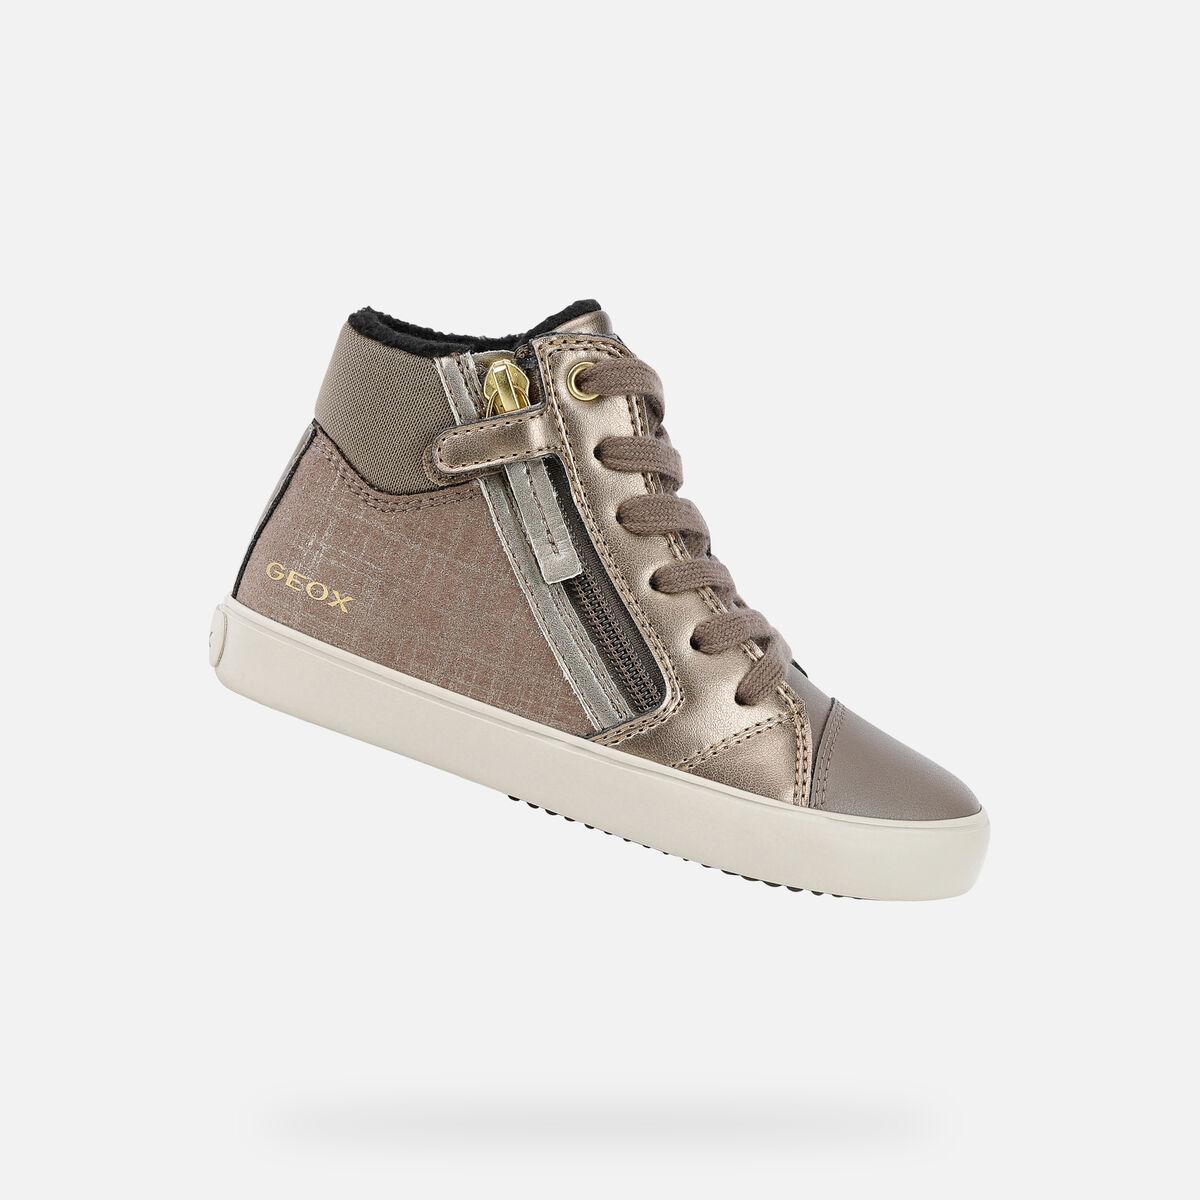 GEOX dětské kotníkové boty GISLI GIRL šedé - zlaté - J044NC